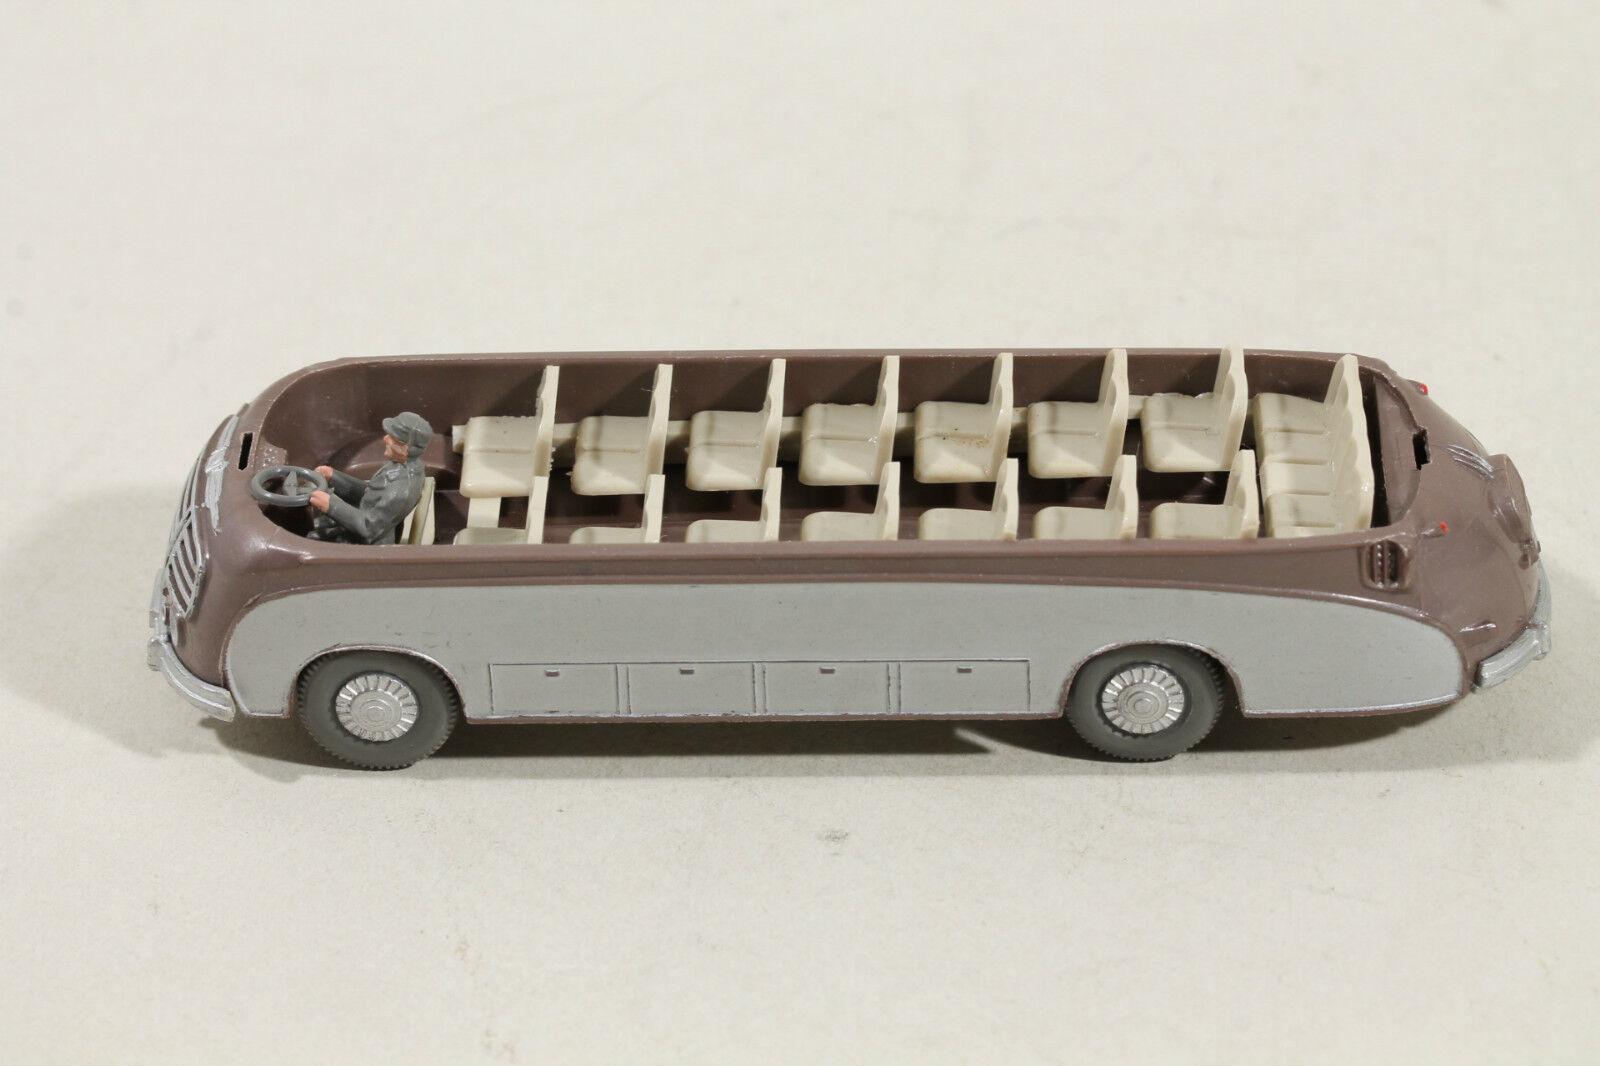 1166 Typ 3C Wiking SETRA-BUS 1956 - 1968   braunmetallic    Öffnen Sie das Interesse und die Innovation Ihres Kindes, aber auch die Unschuld von Kindern, kindlich, glücklich